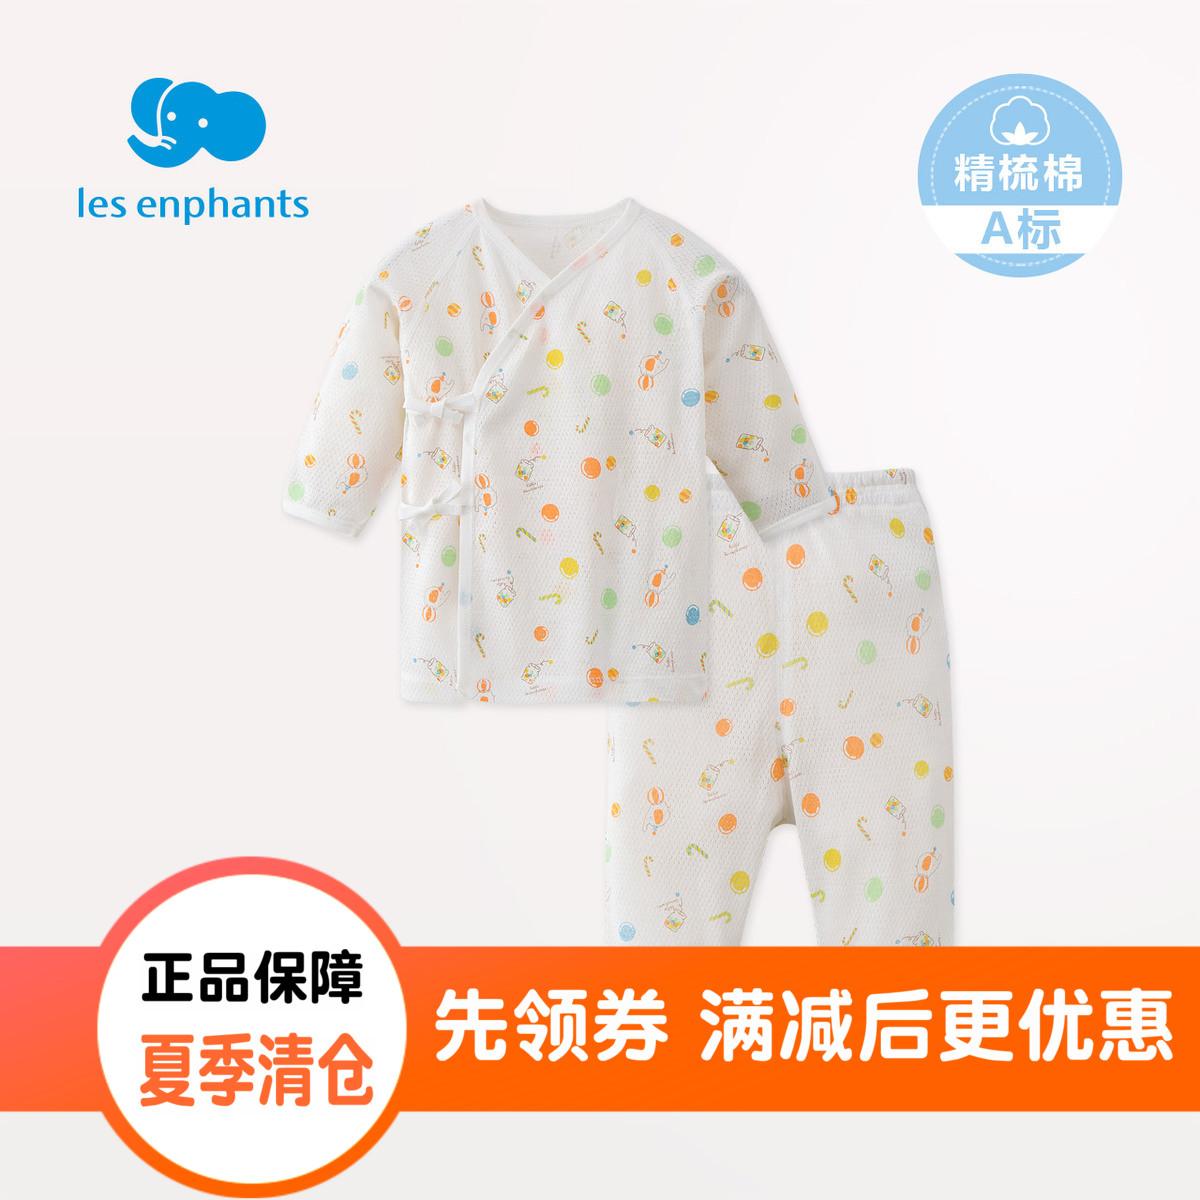 丽婴房婴儿衣服新生儿纯棉内衣套装男女宝宝夏季薄款内衣2018新款